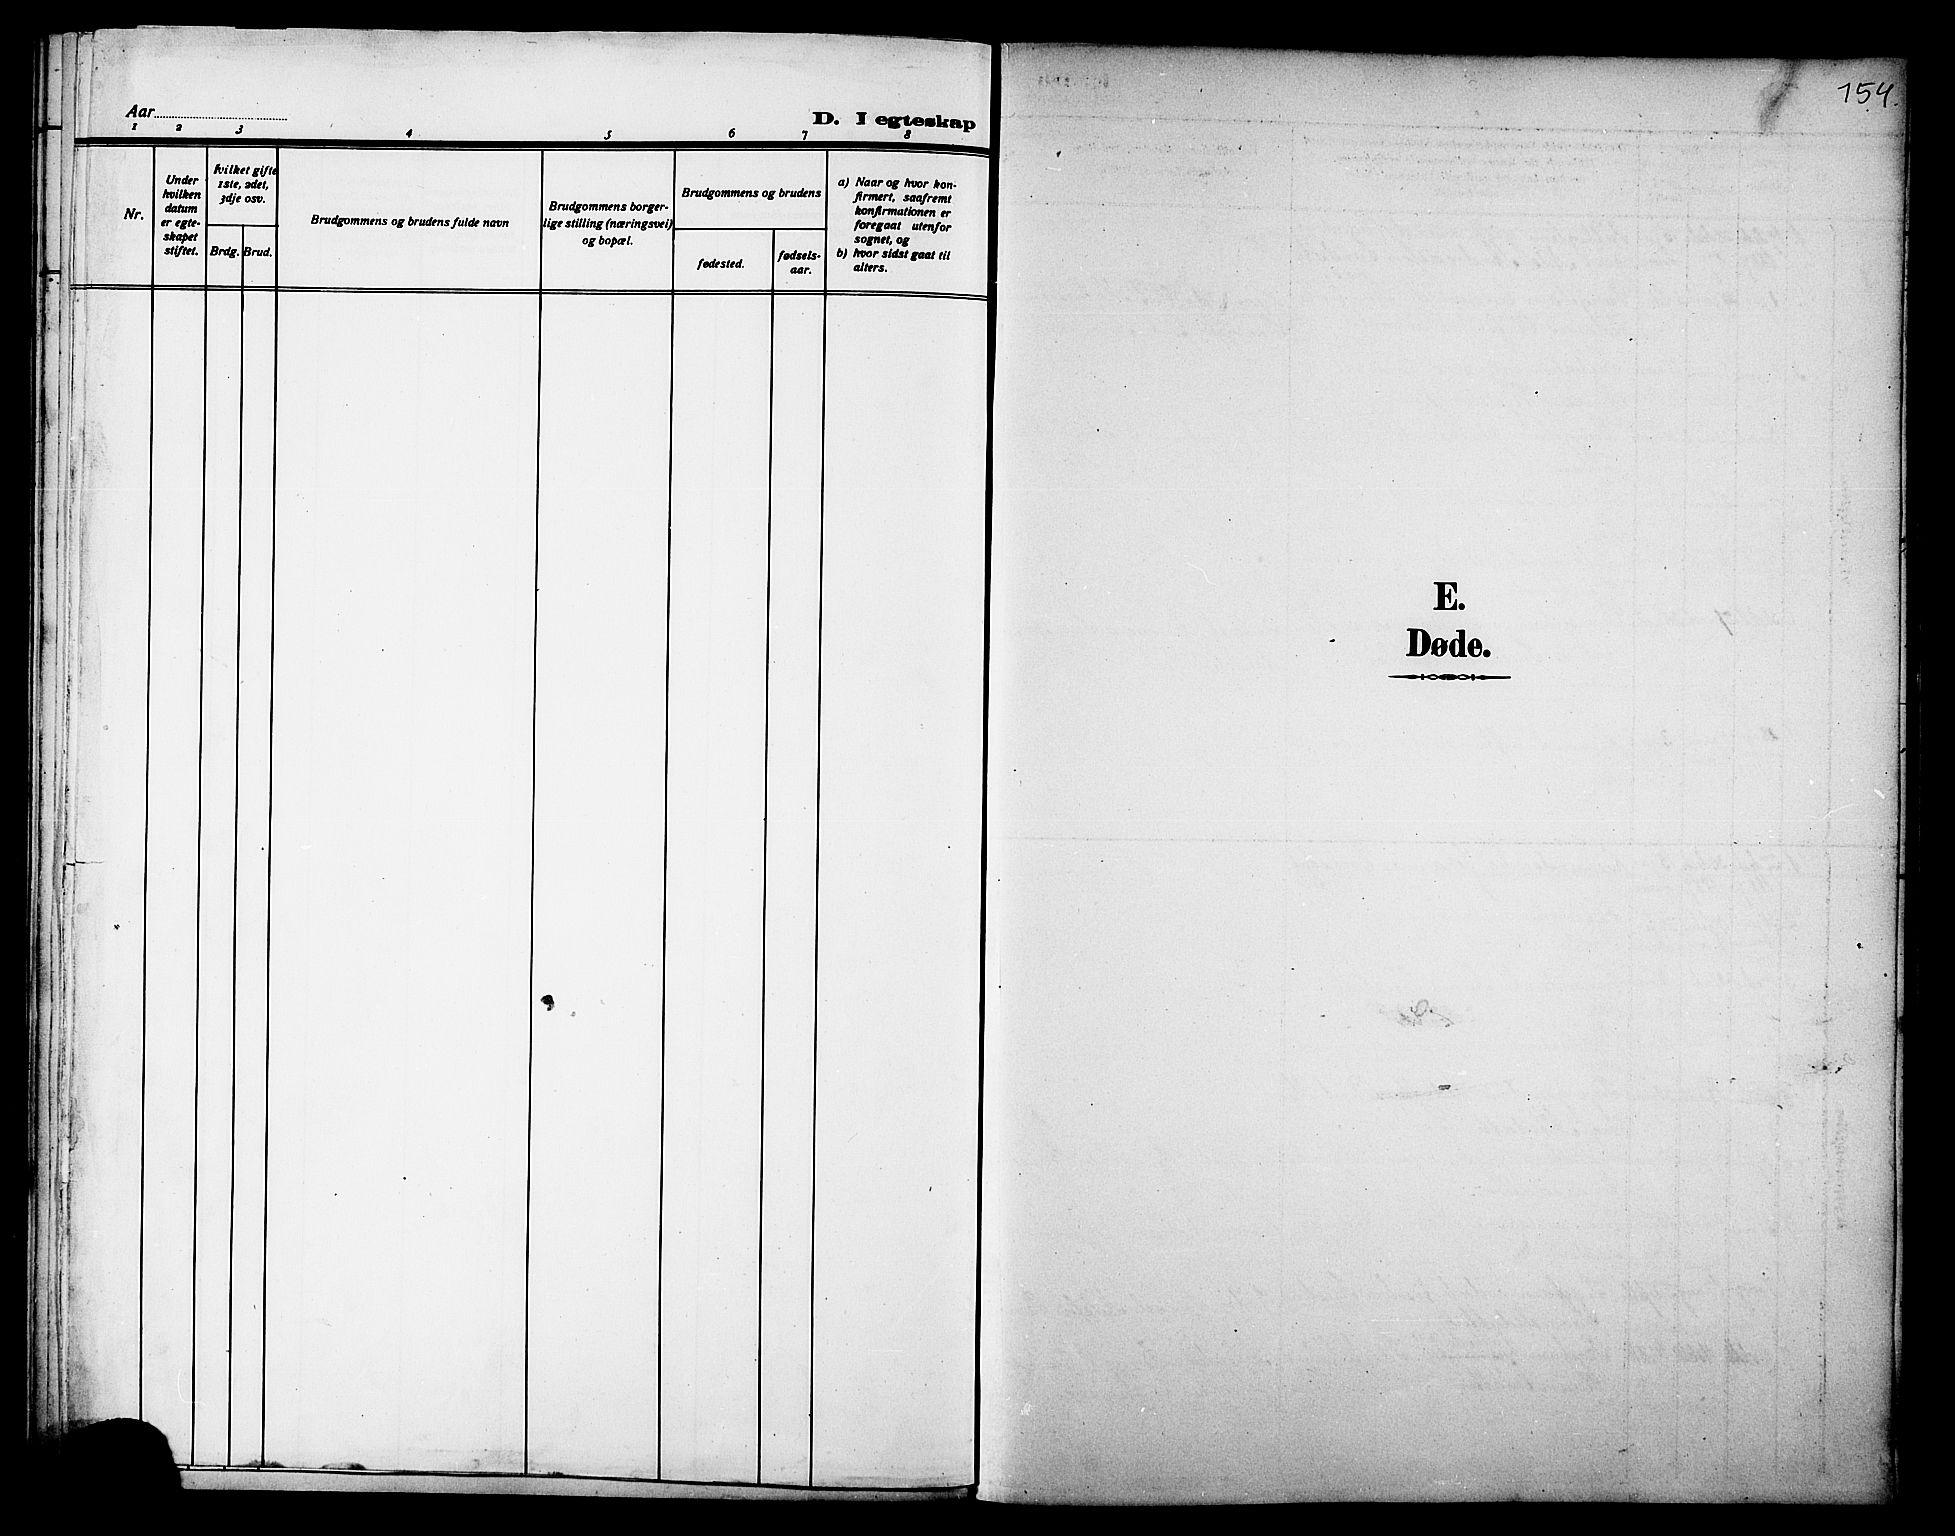 SAT, Ministerialprotokoller, klokkerbøker og fødselsregistre - Nord-Trøndelag, 733/L0327: Klokkerbok nr. 733C02, 1888-1918, s. 154